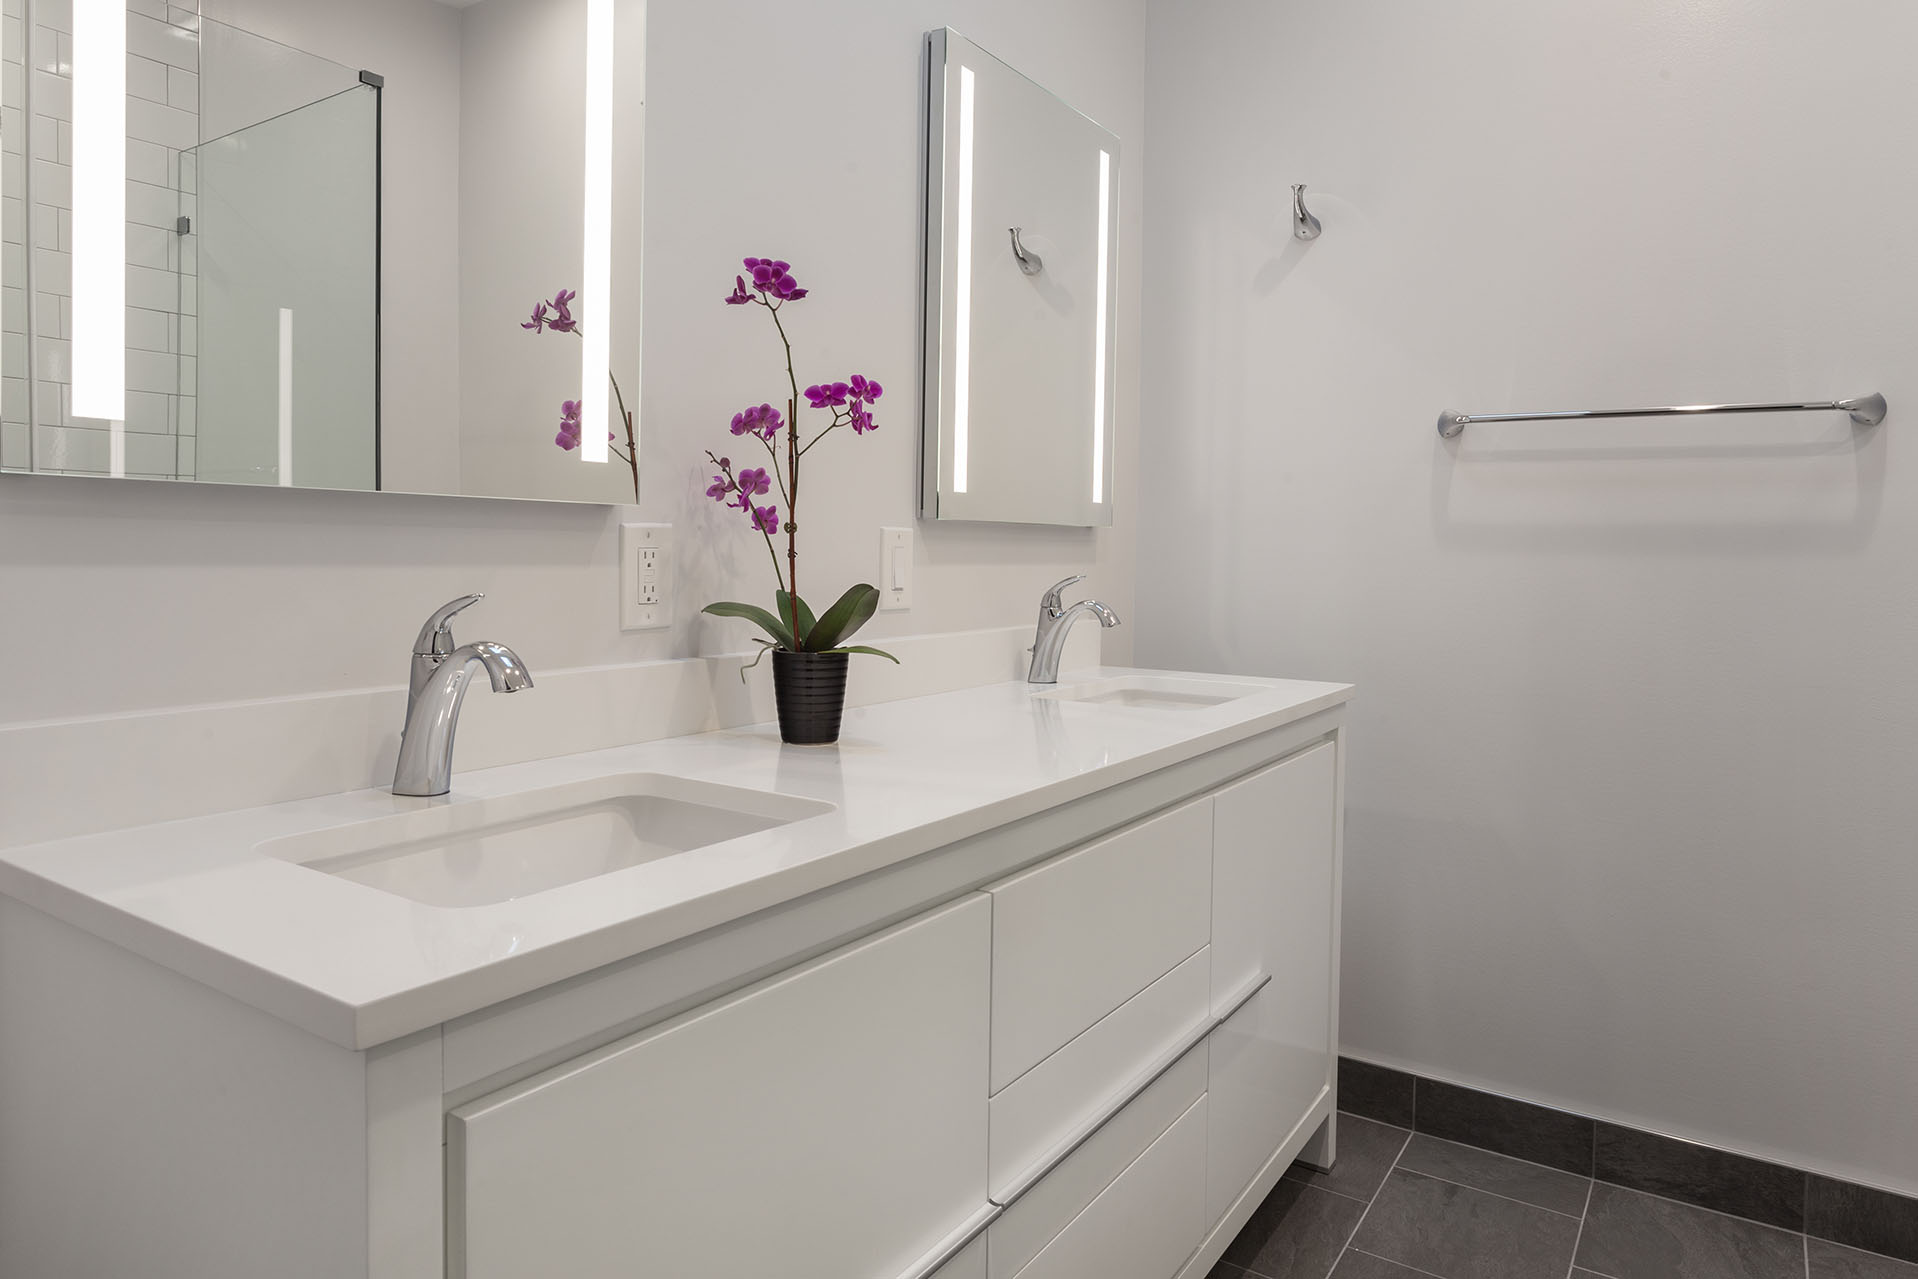 Modern bathroom remodeling in old town alexandria va - Bathroom remodeling alexandria va ...